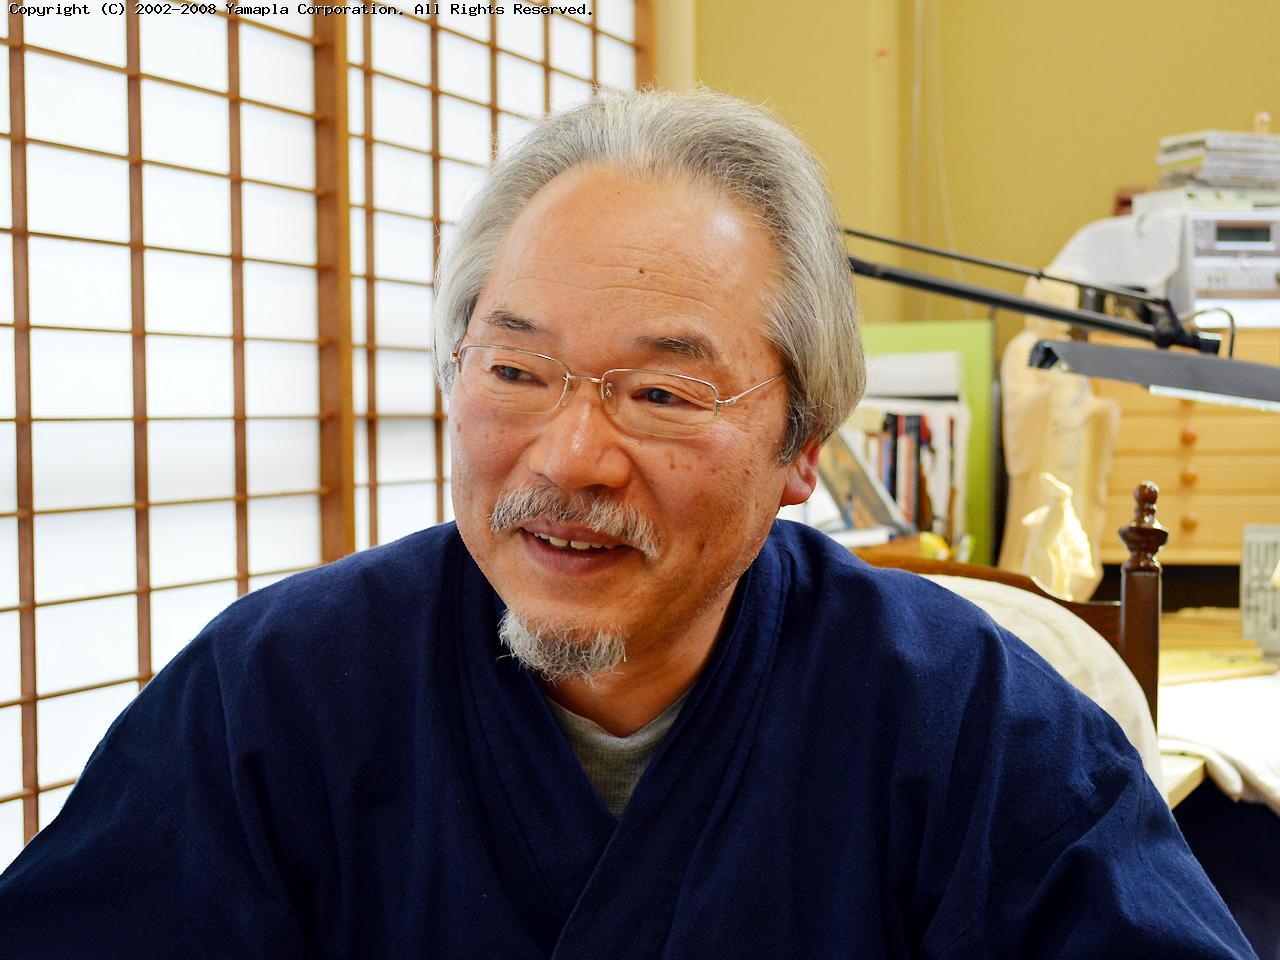 仏師 中川 大幹さん(米原市在住・62歳) | 滋賀ガイド!